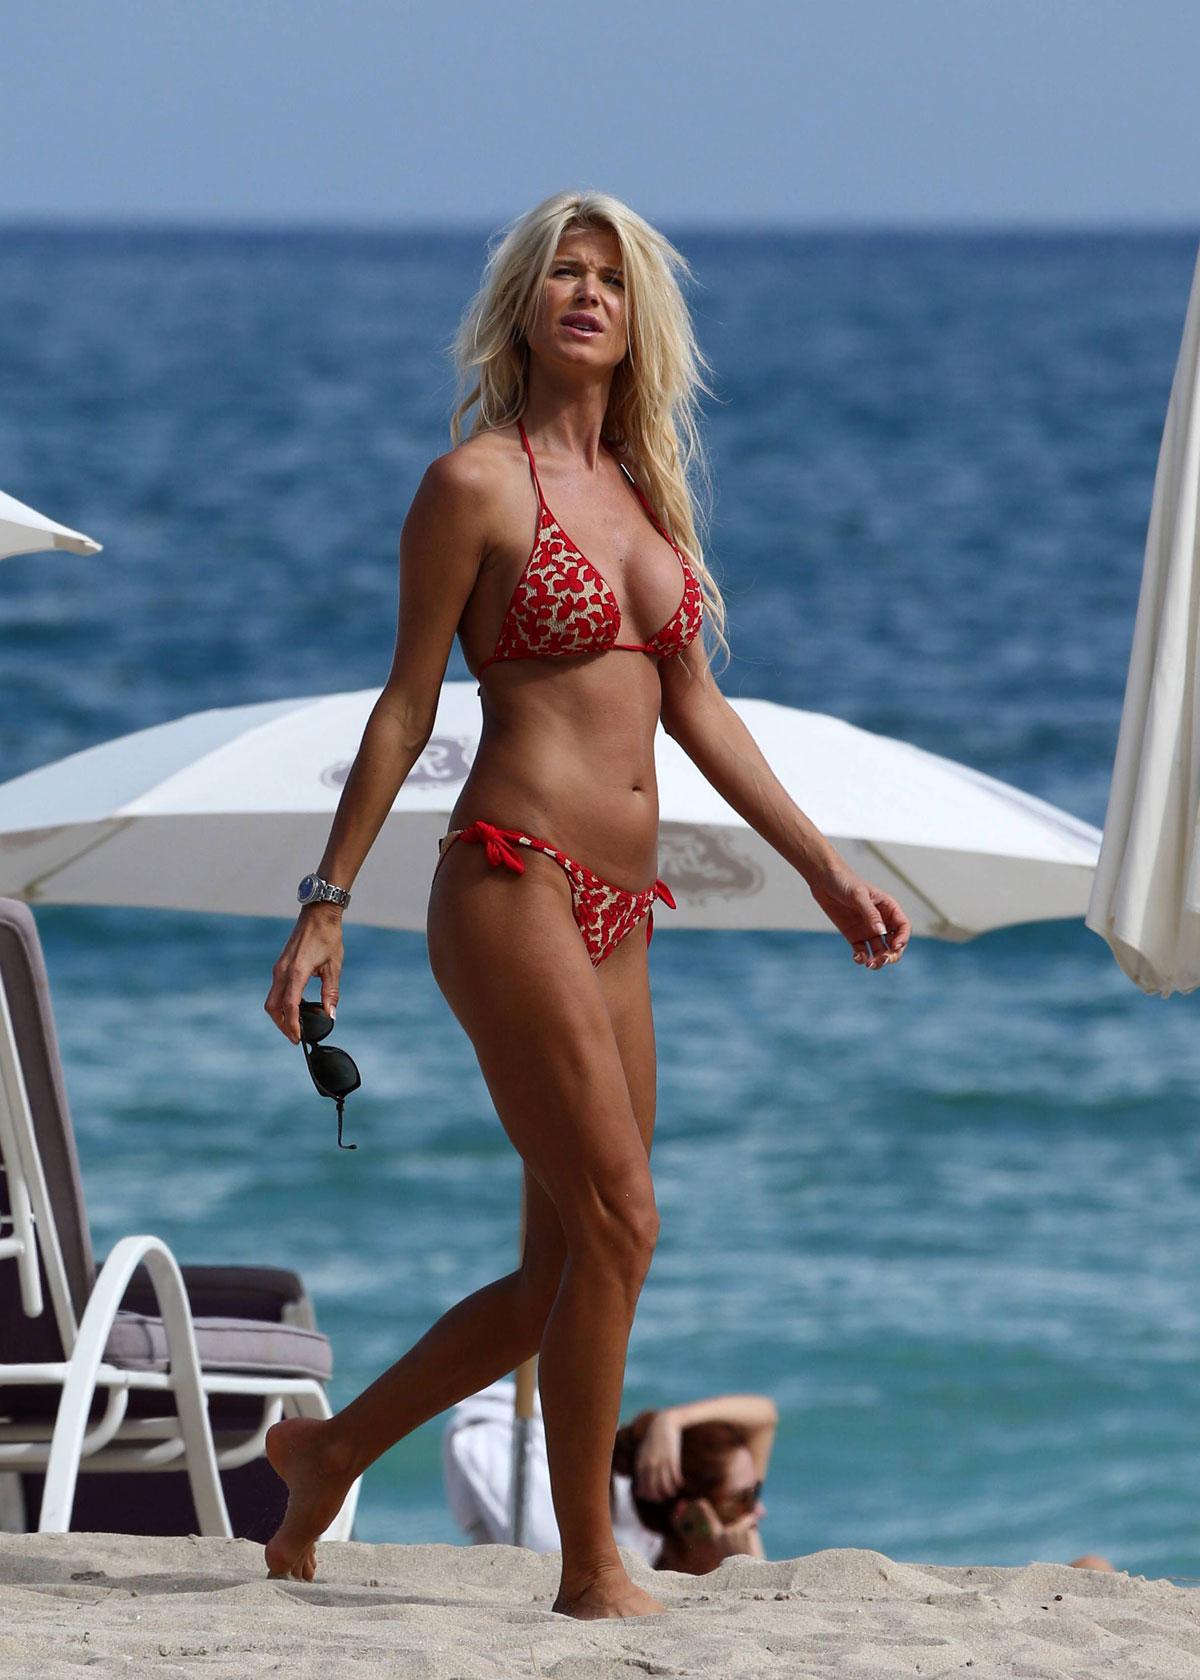 Victoria Silvstedt In Bikini At The Beach In Miami